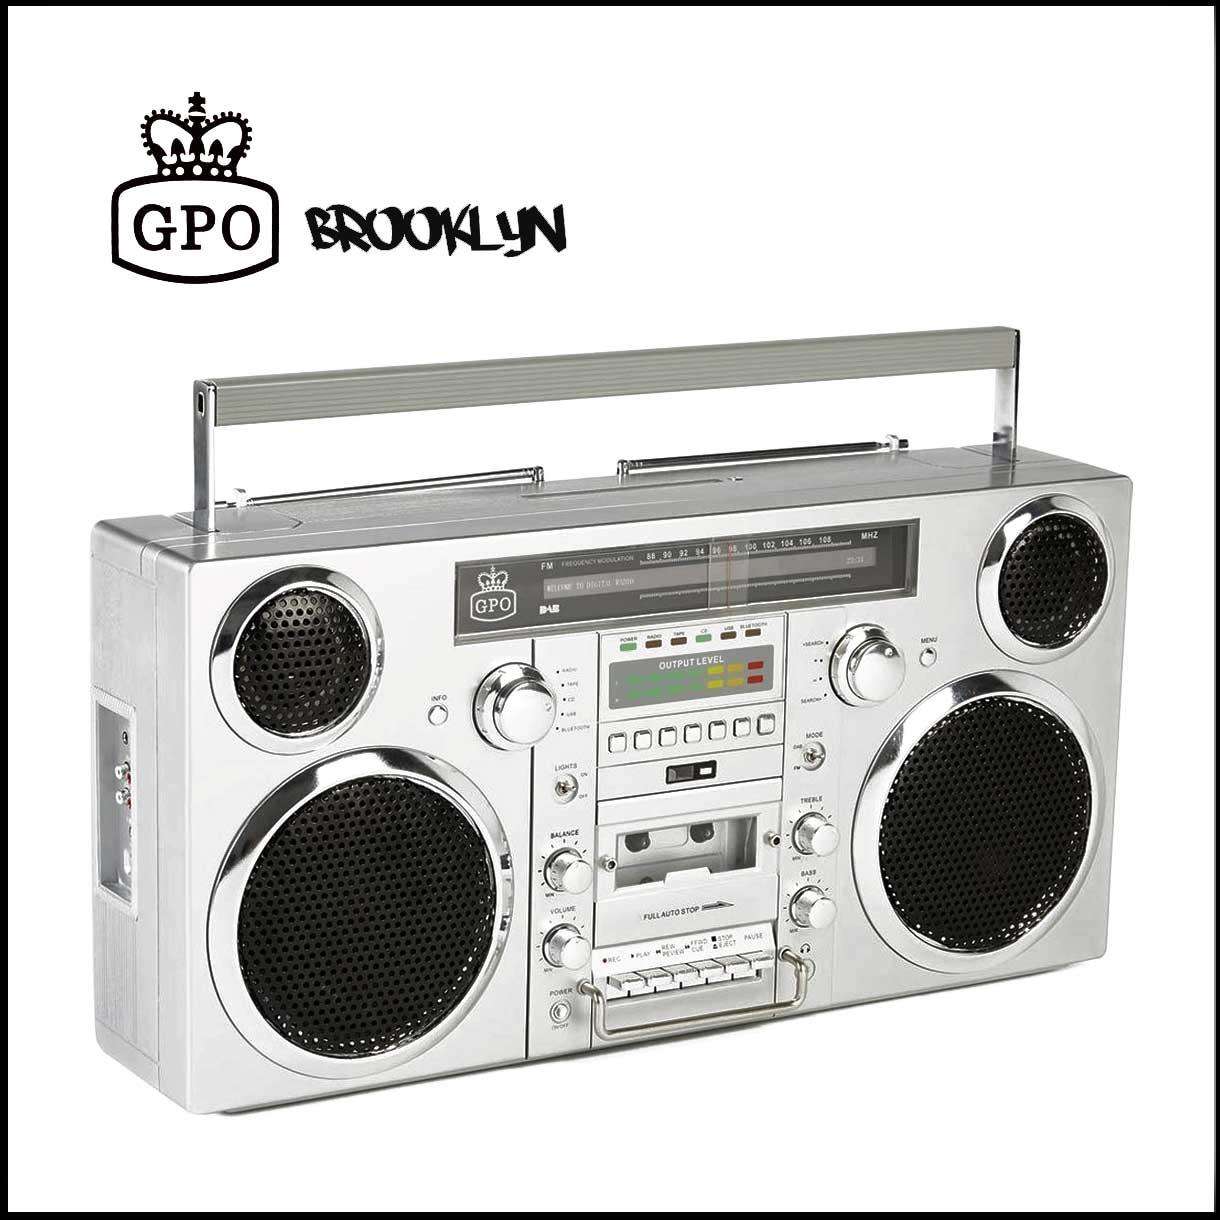 GPO Brooklyn Ghetto Blaster Boombox